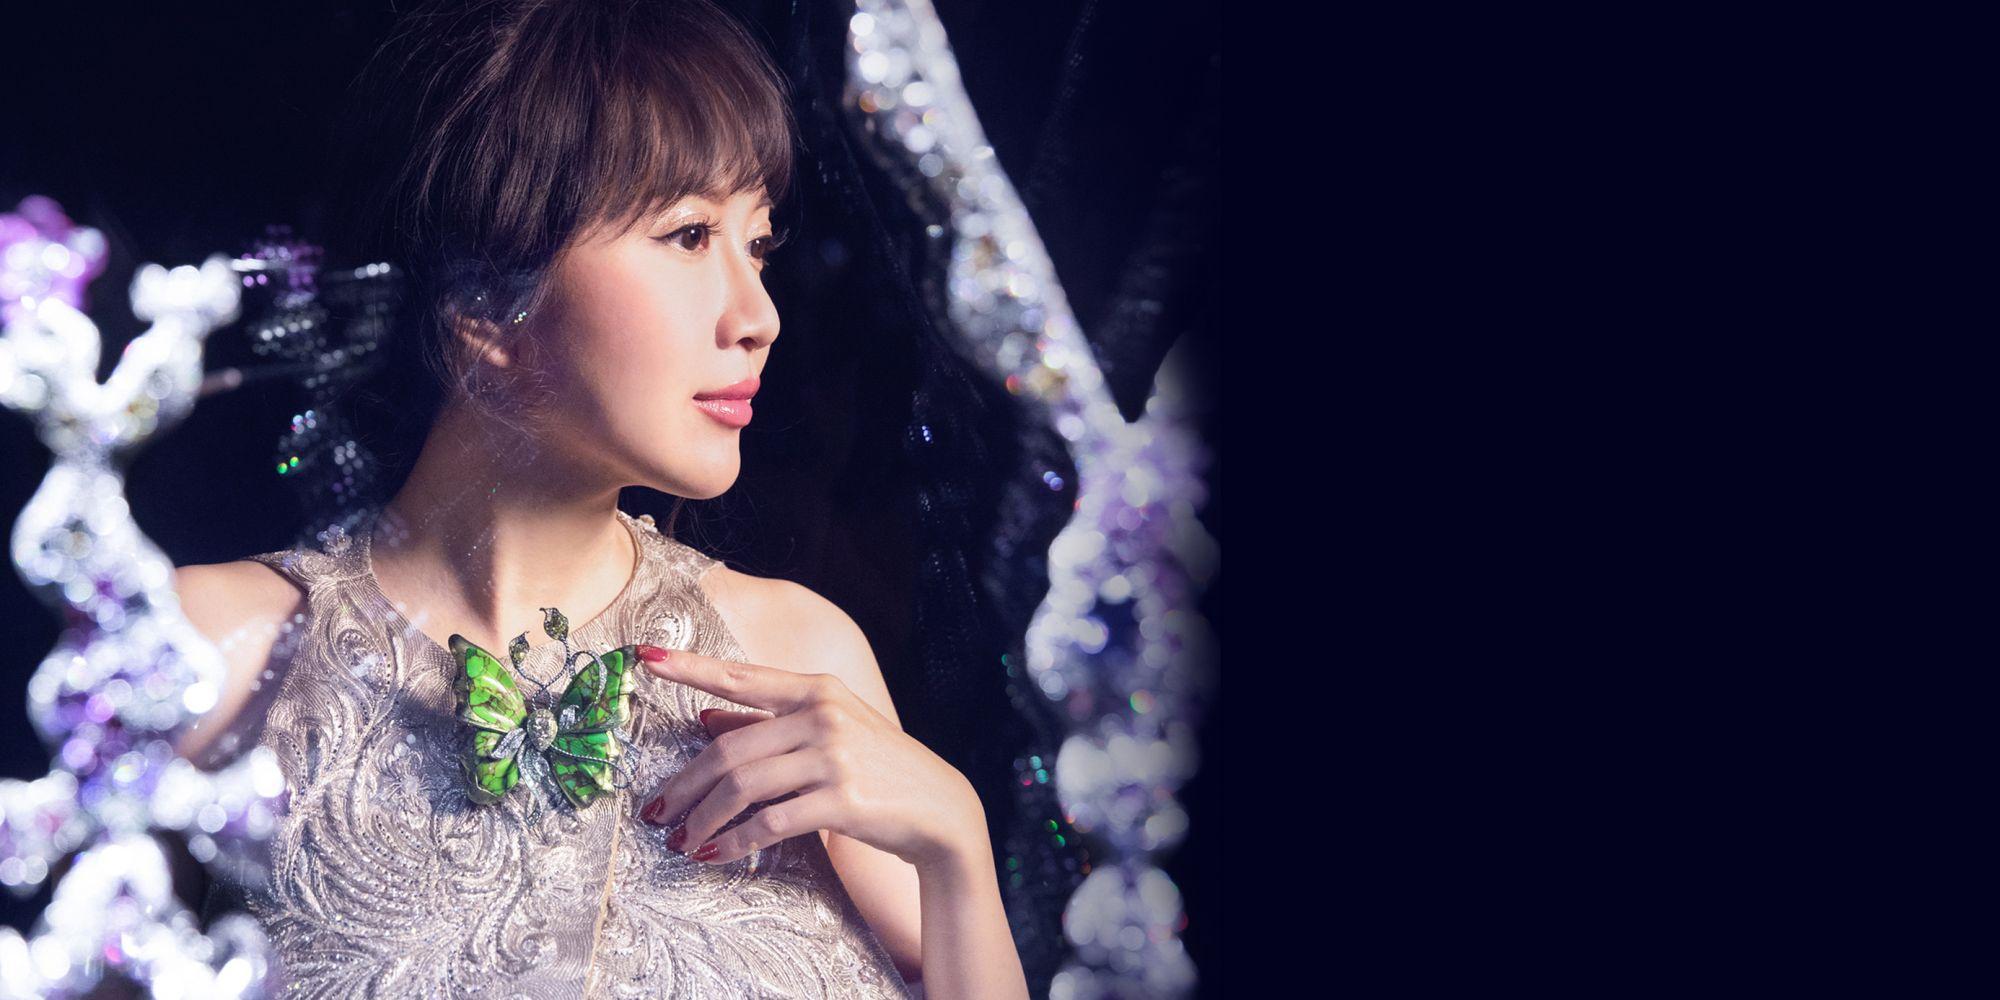 讓旋律與色彩在心中迴盪,ANNA HU用珠寶交響詩紀錄她的生命樂章